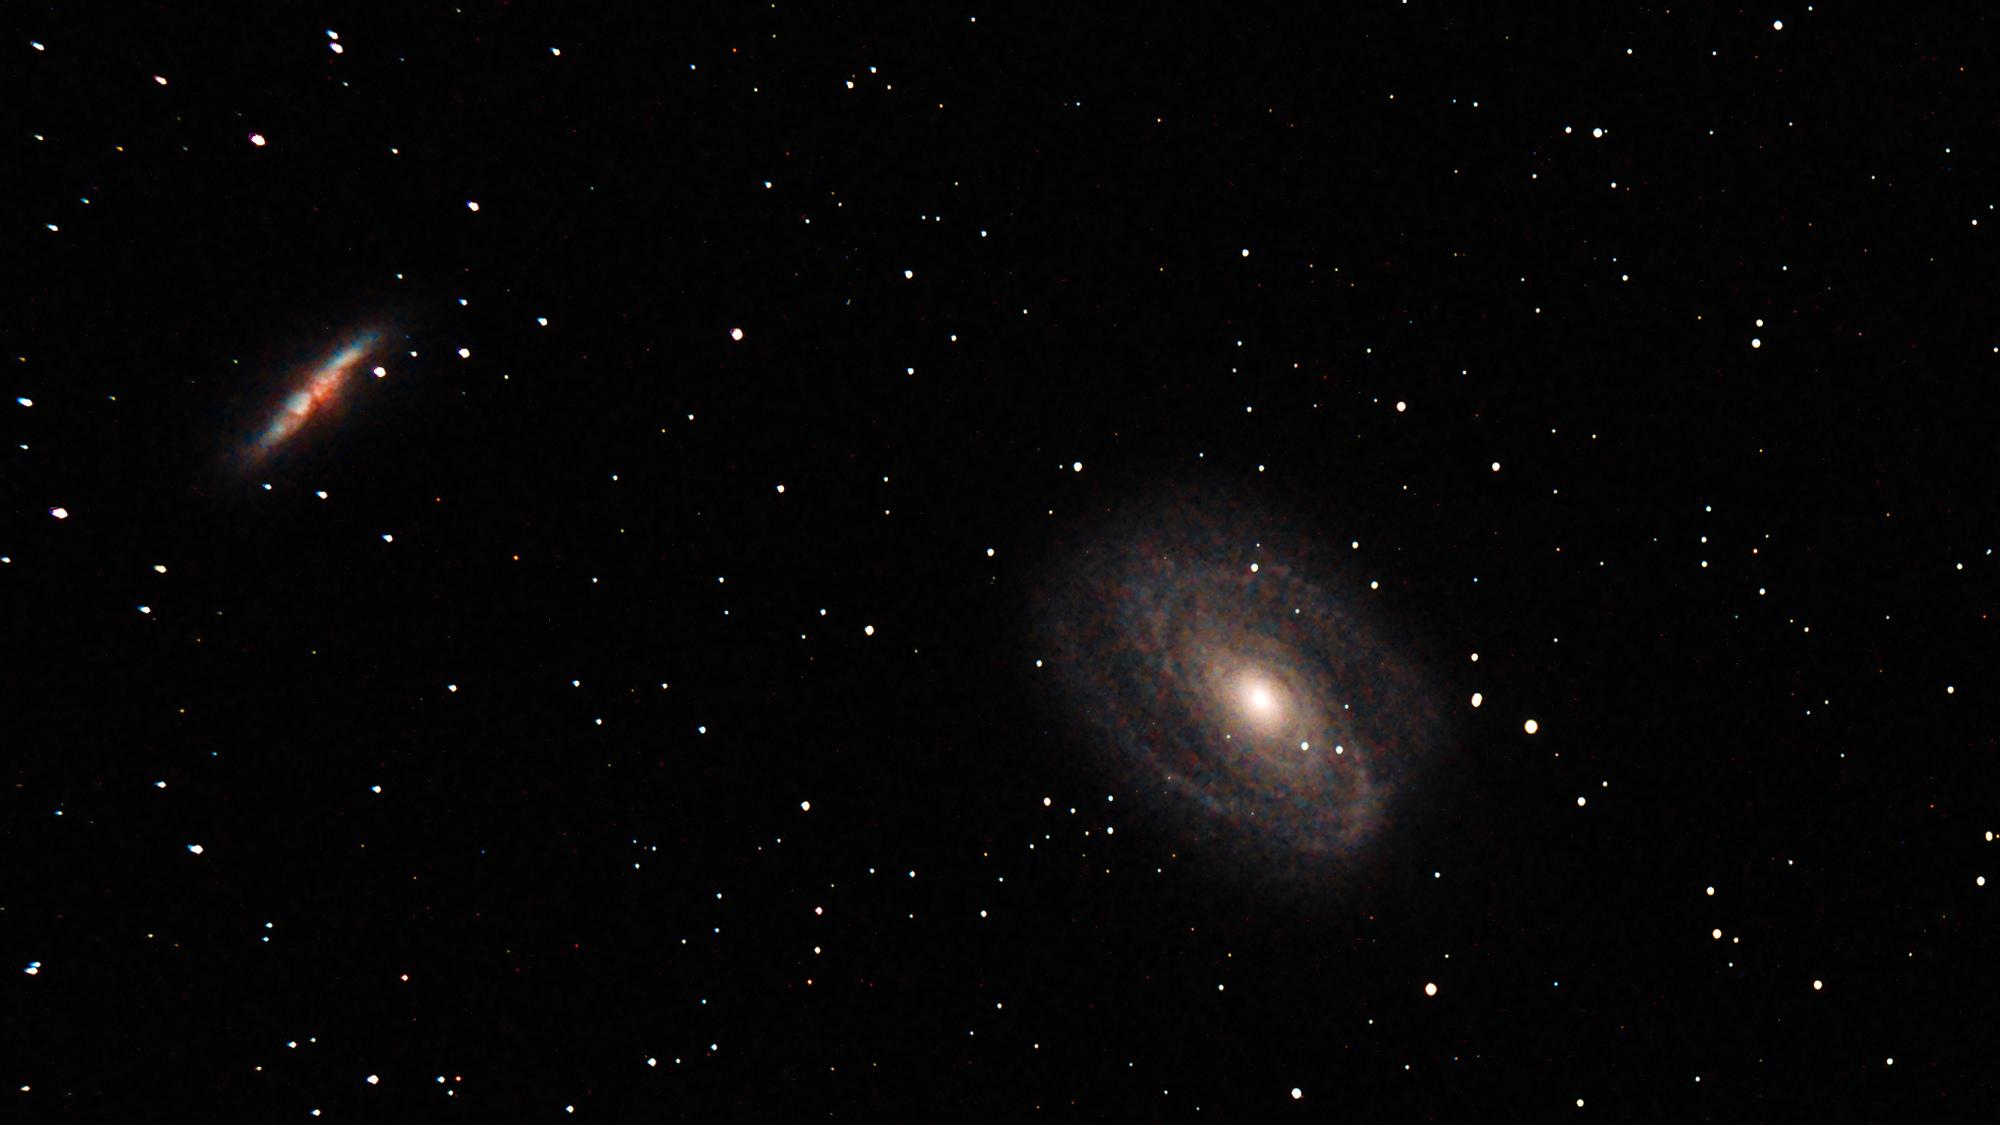 Galaxie Bode M81 28x300s ISO800 - détail.jpg